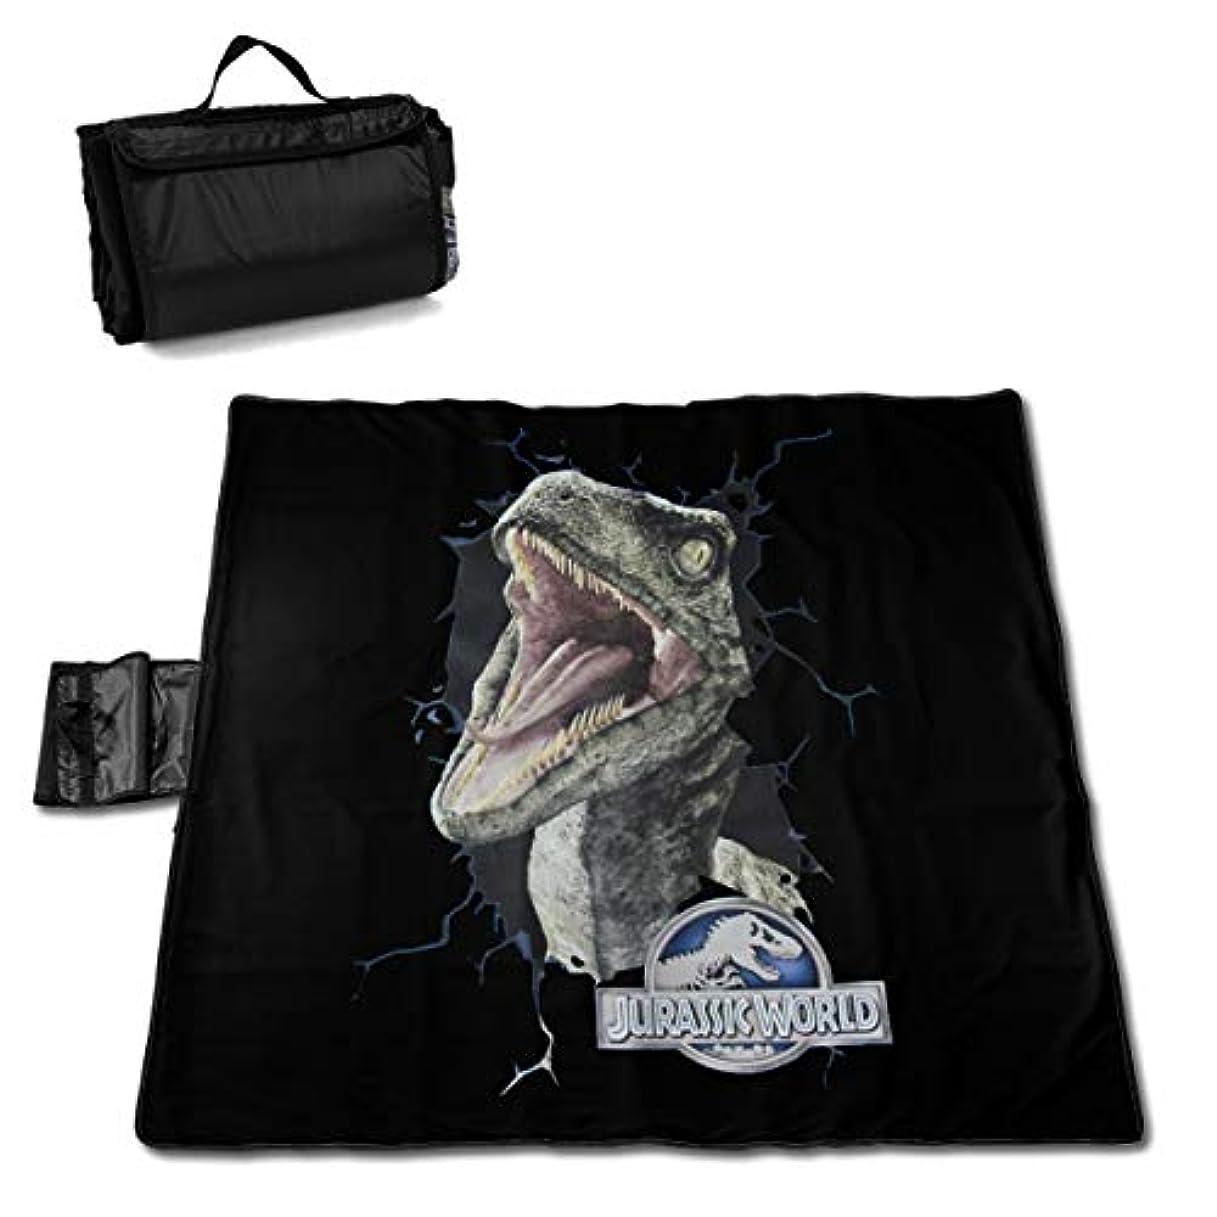 イタリアの乱闘ブレーキジュラシックワールド Jurassic World Raptor ピクニックマット レジャーシート ファミリー レジャーマット 折りたたみ クッション 持ち運び おしゃれ 花火大会 運動会 遠足 キャンプ 145×150cm 2-6人用